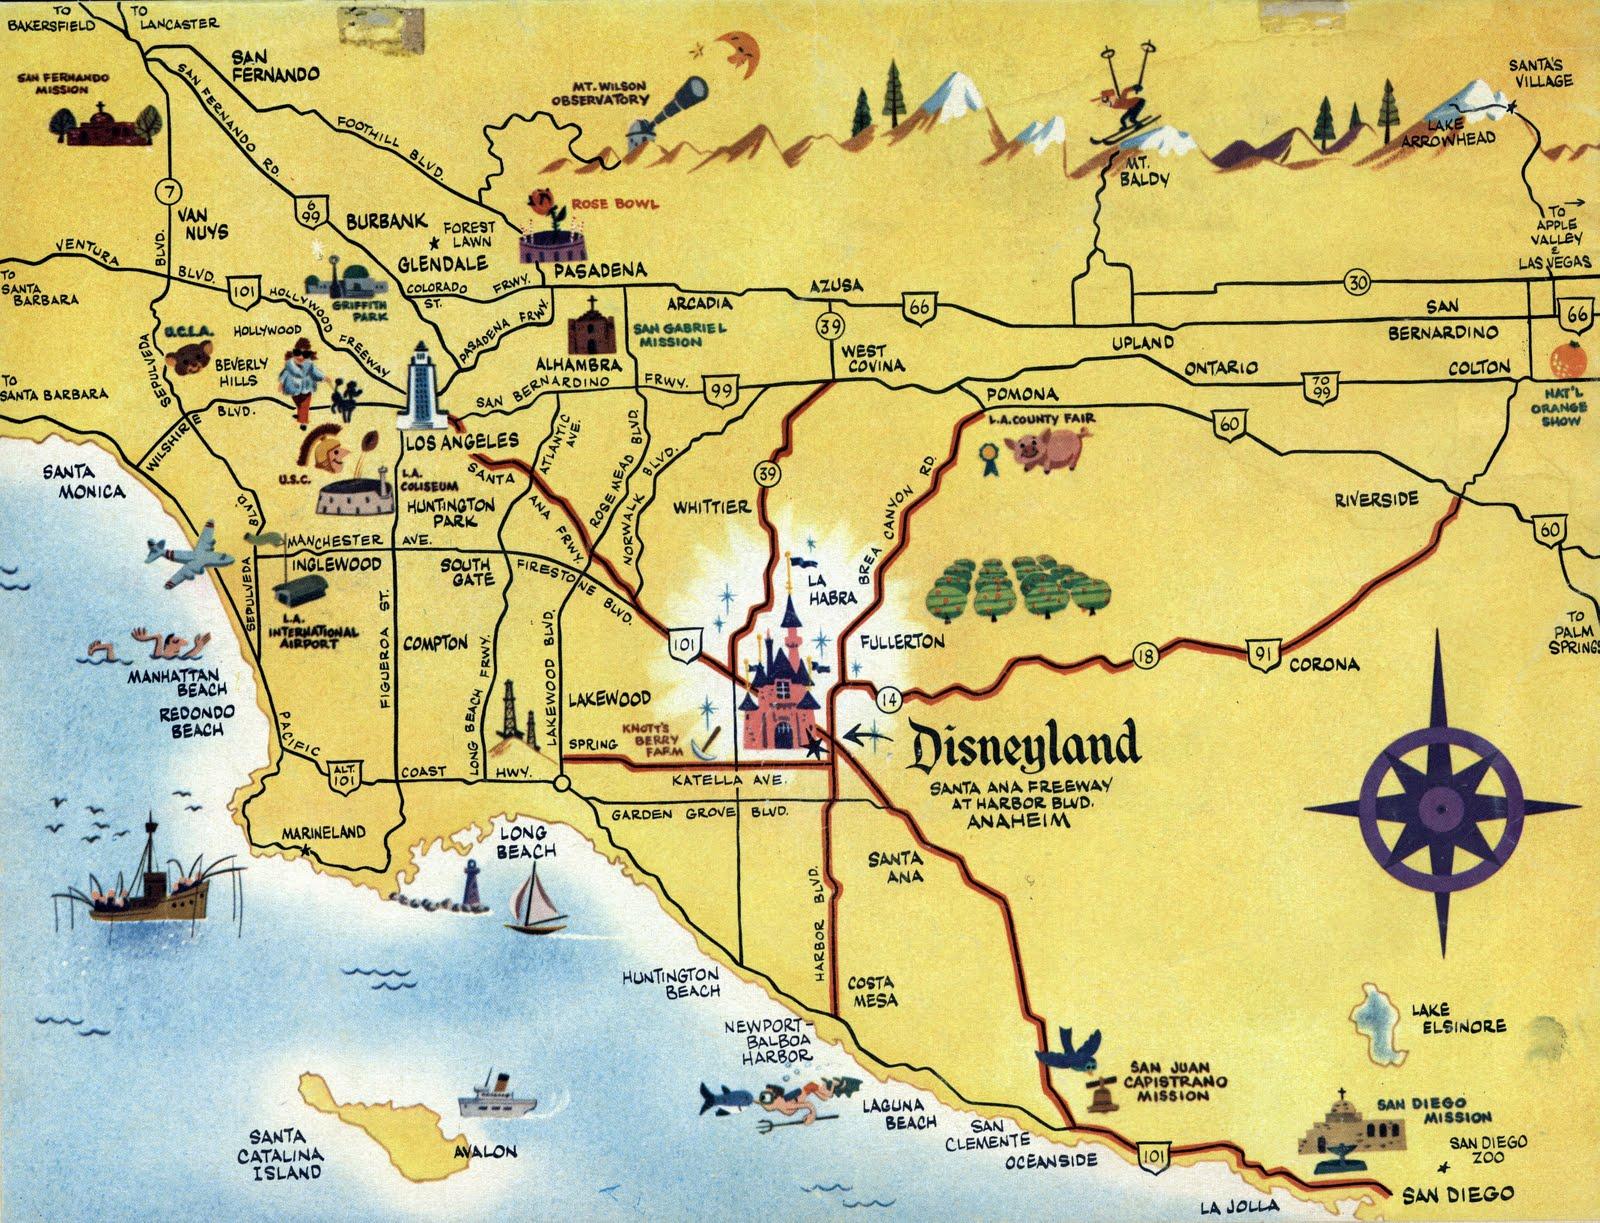 The Nutmeg February - Los angeles map vintage